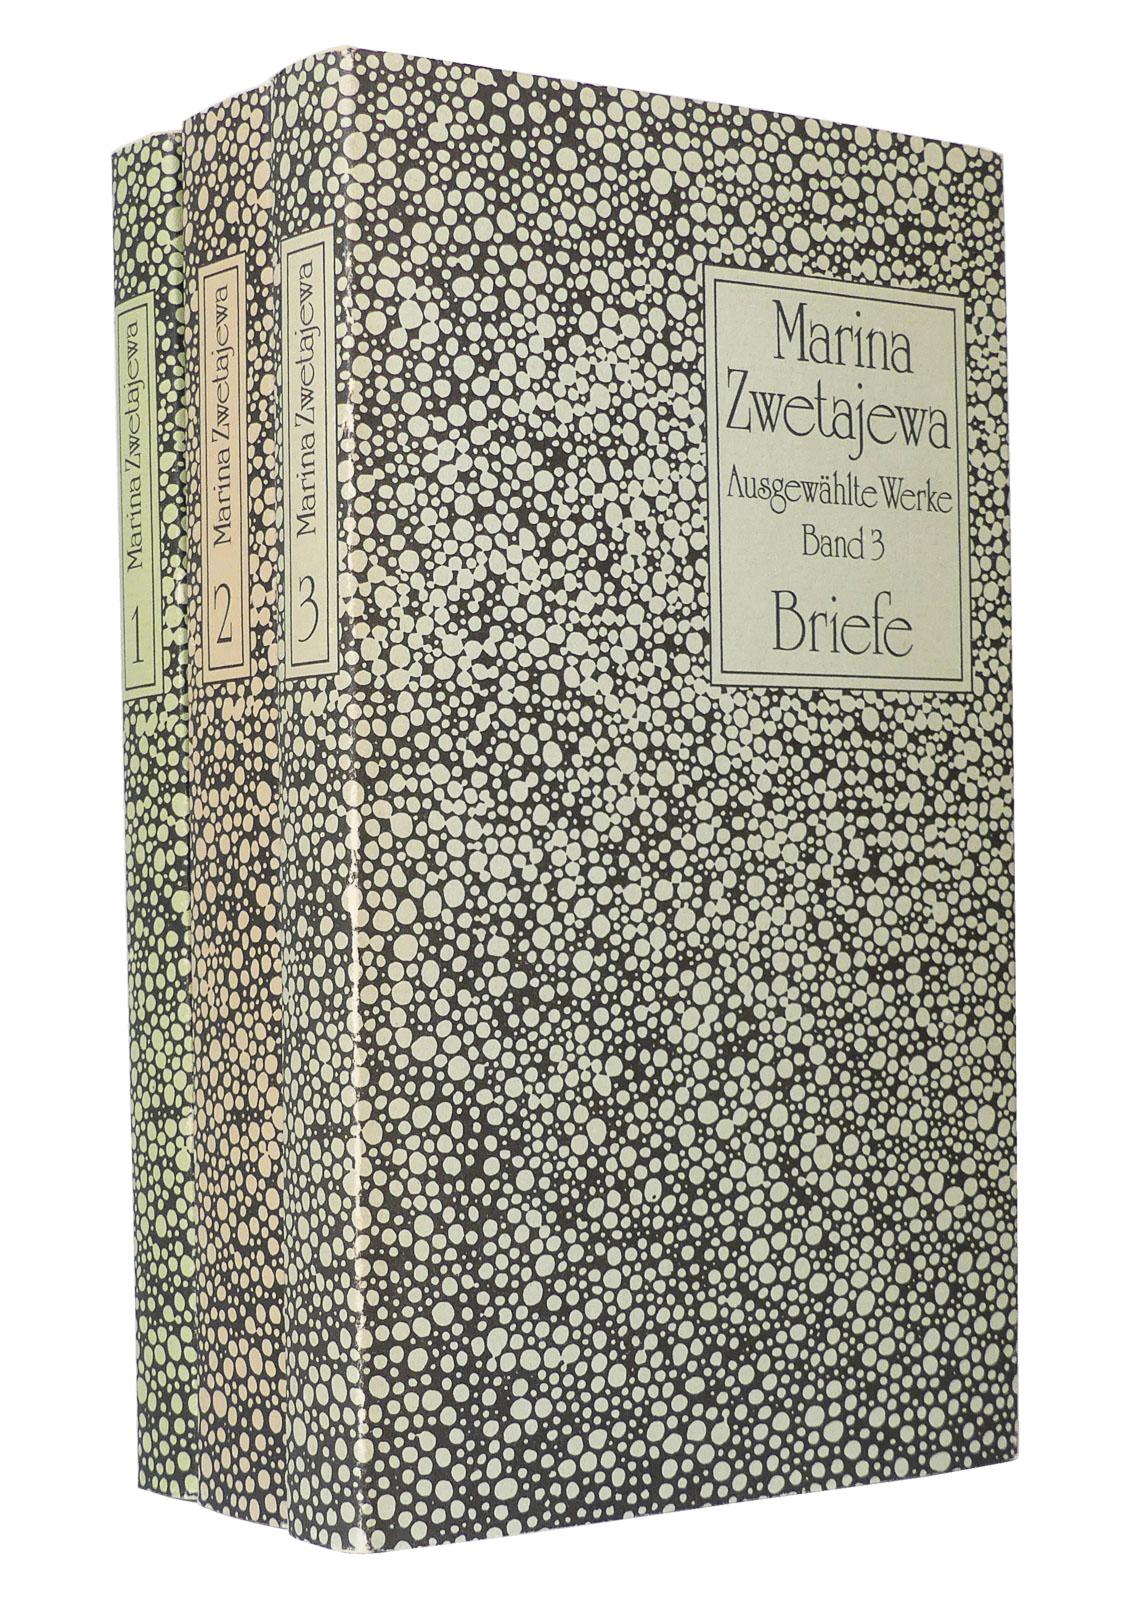 Marina Zwetajewa - Ausgewählte Werke (in drei Bänden) : Herausgegeben von Edel Mirowa-Florin - Zwetajewa, Marina Mirowa-Florin, Edel [Hg.]